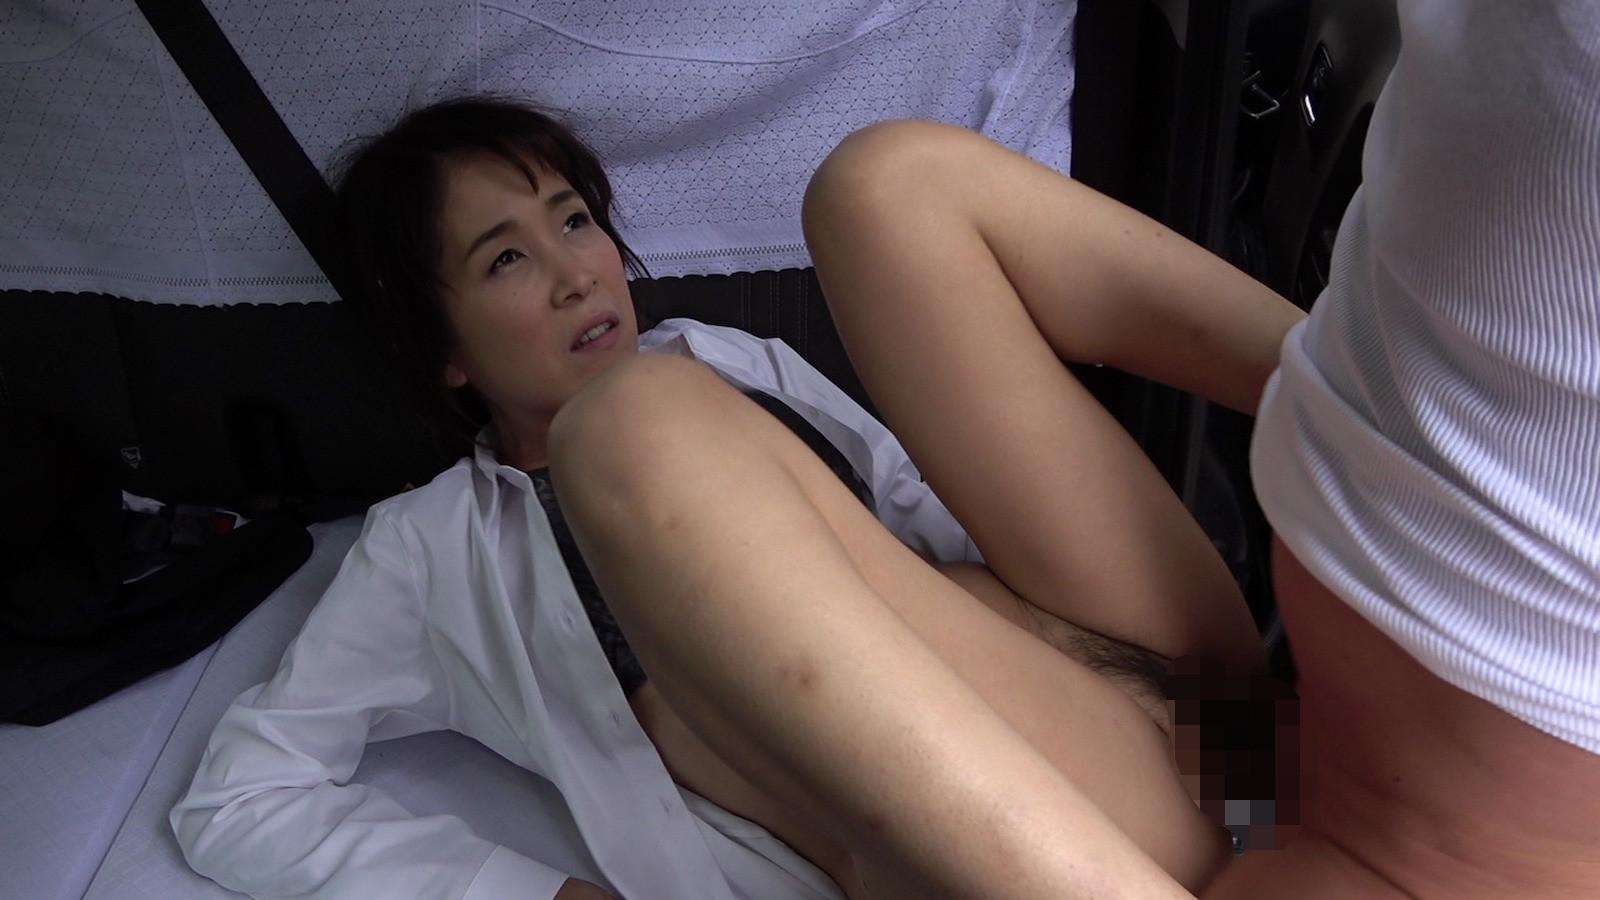 元タクシー女運転手 ~告白実話ドラマ~ 冴木塔子 画像18